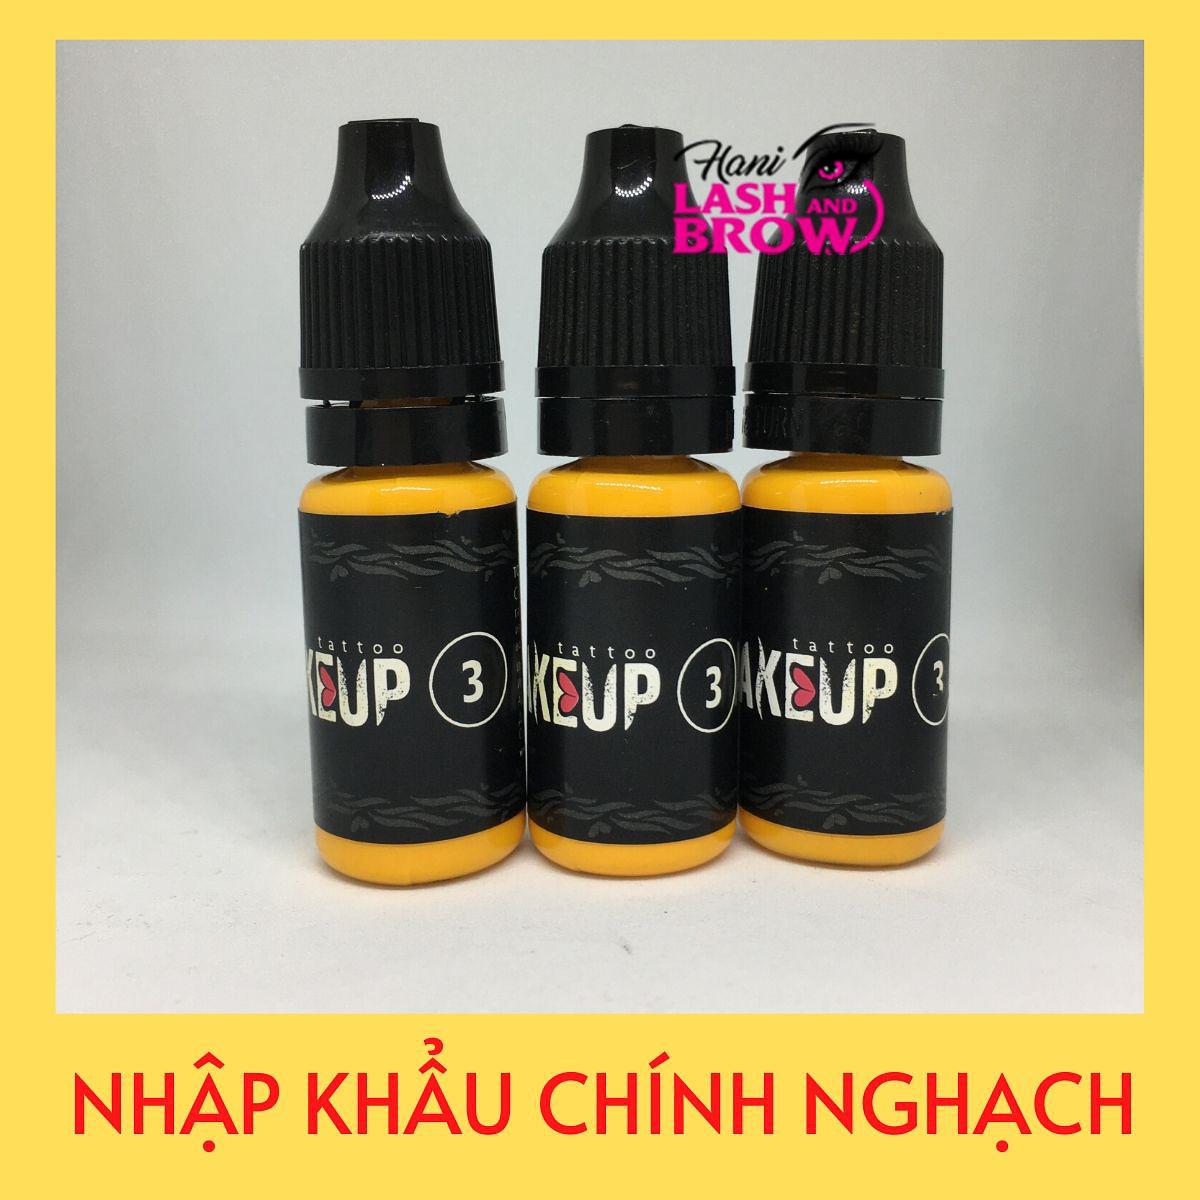 Mực phun makeup 3 Nhập Khẩu Nga - Mực Phun Xăm Organic Cao Cấp